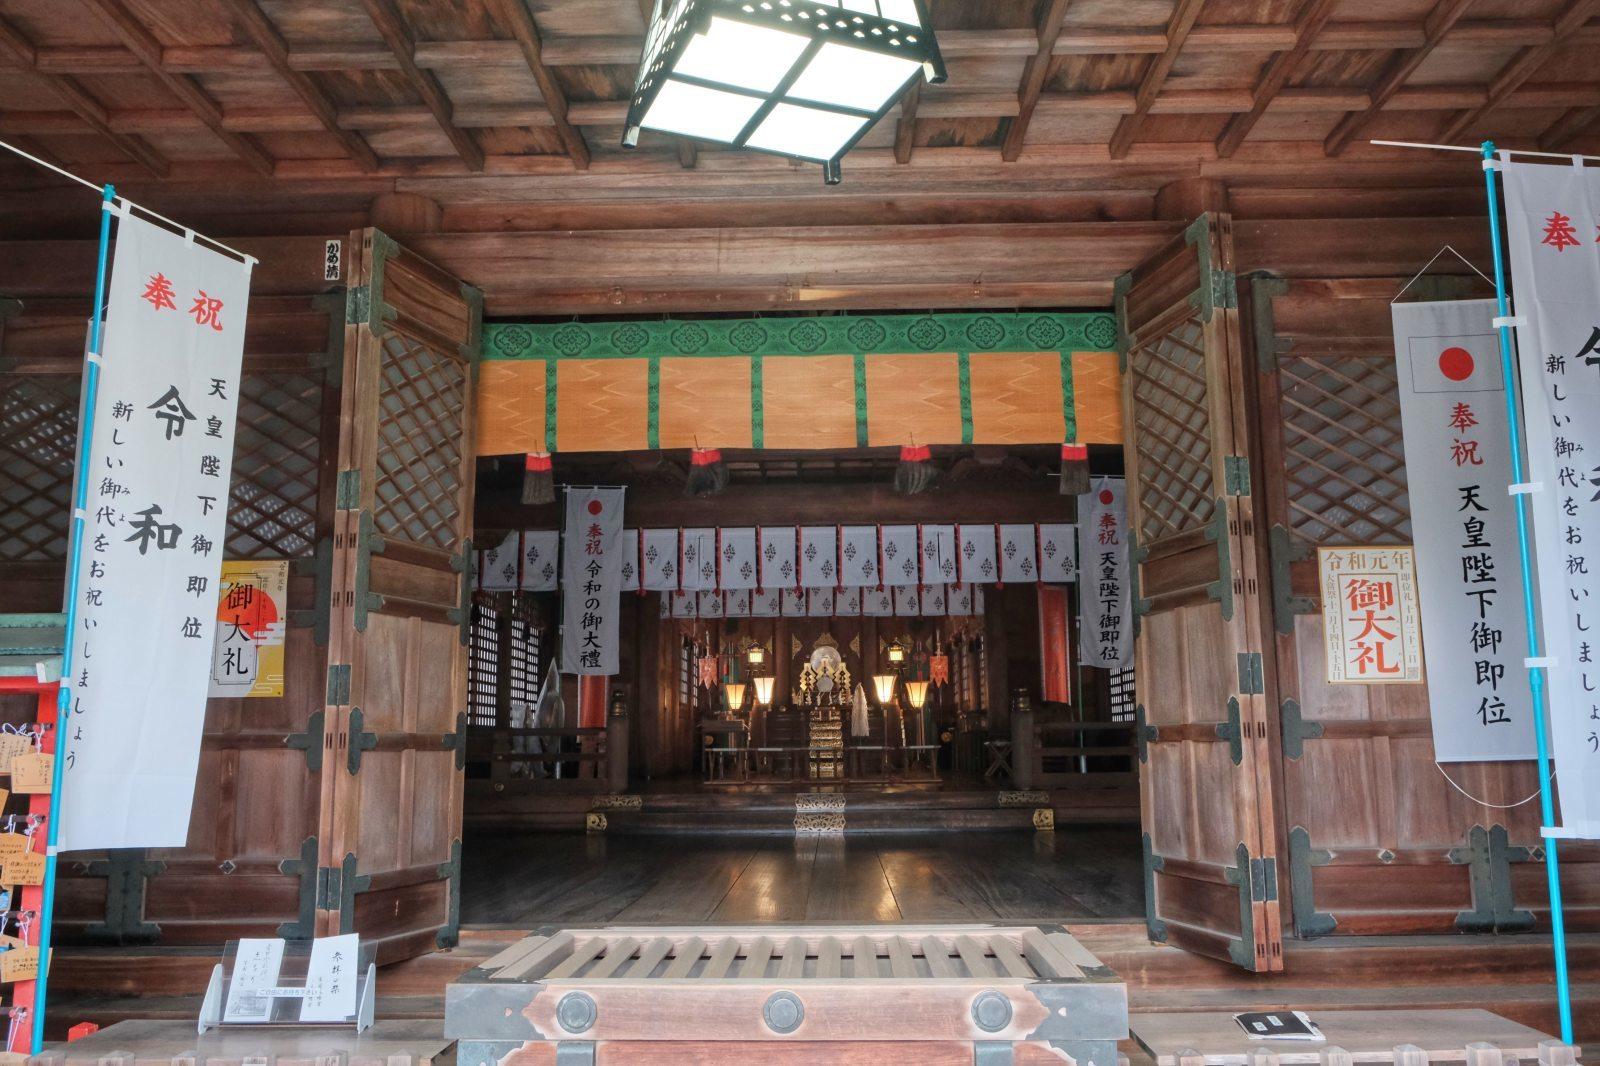 GW帰省8 ~ 室蘭みたら、室蘭八幡宮、視界ゼロの測量山、札幌に住むのありかも~_b0024832_01384526.jpg